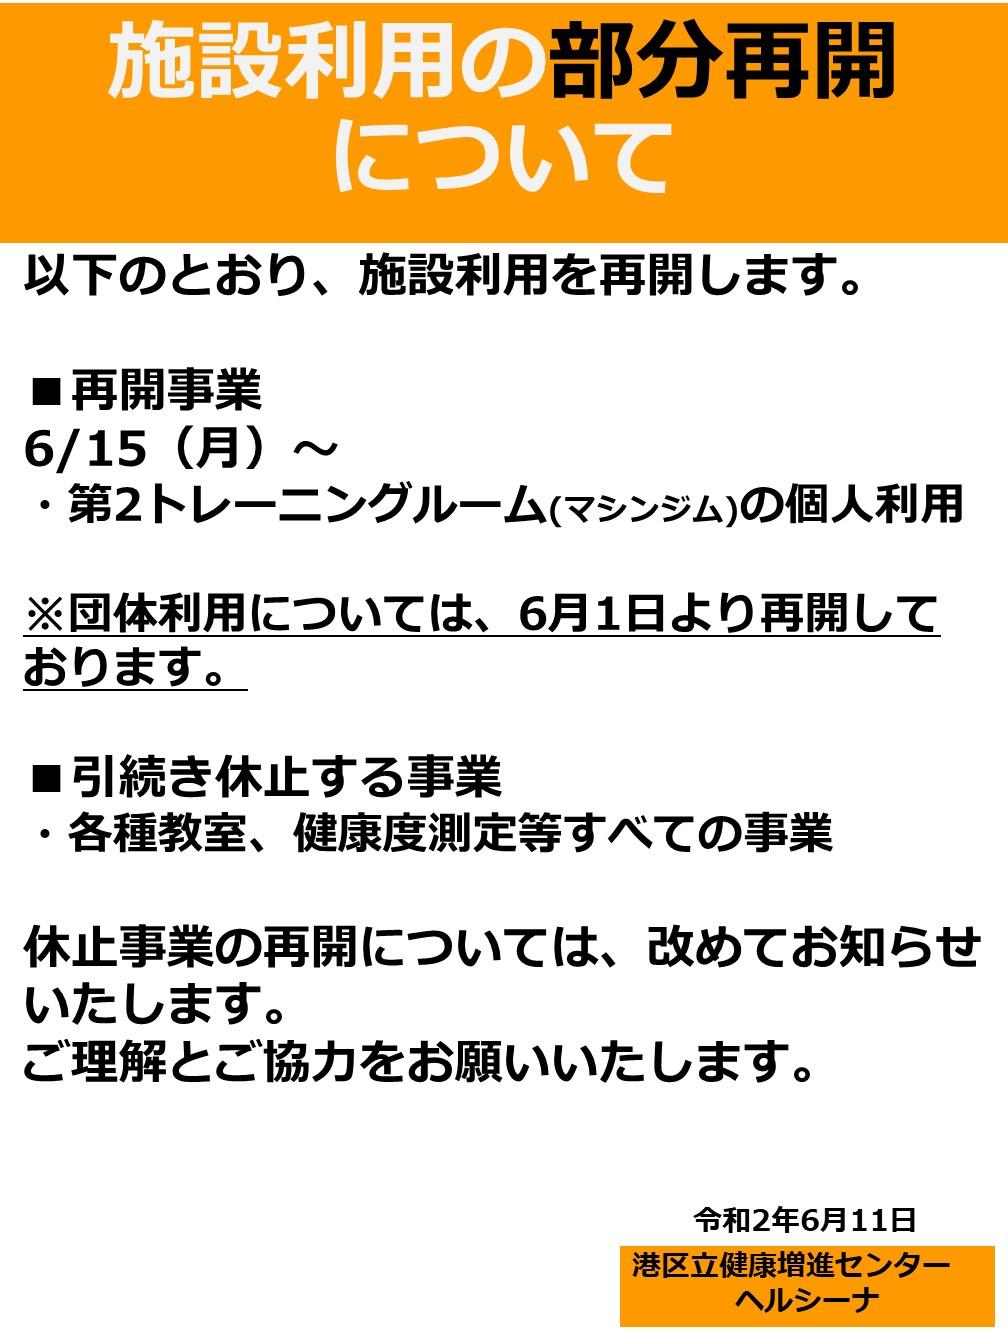 20200611(掲示)(施設)緊急事態宣言解除に伴う施設の再開について(案)1.JPG